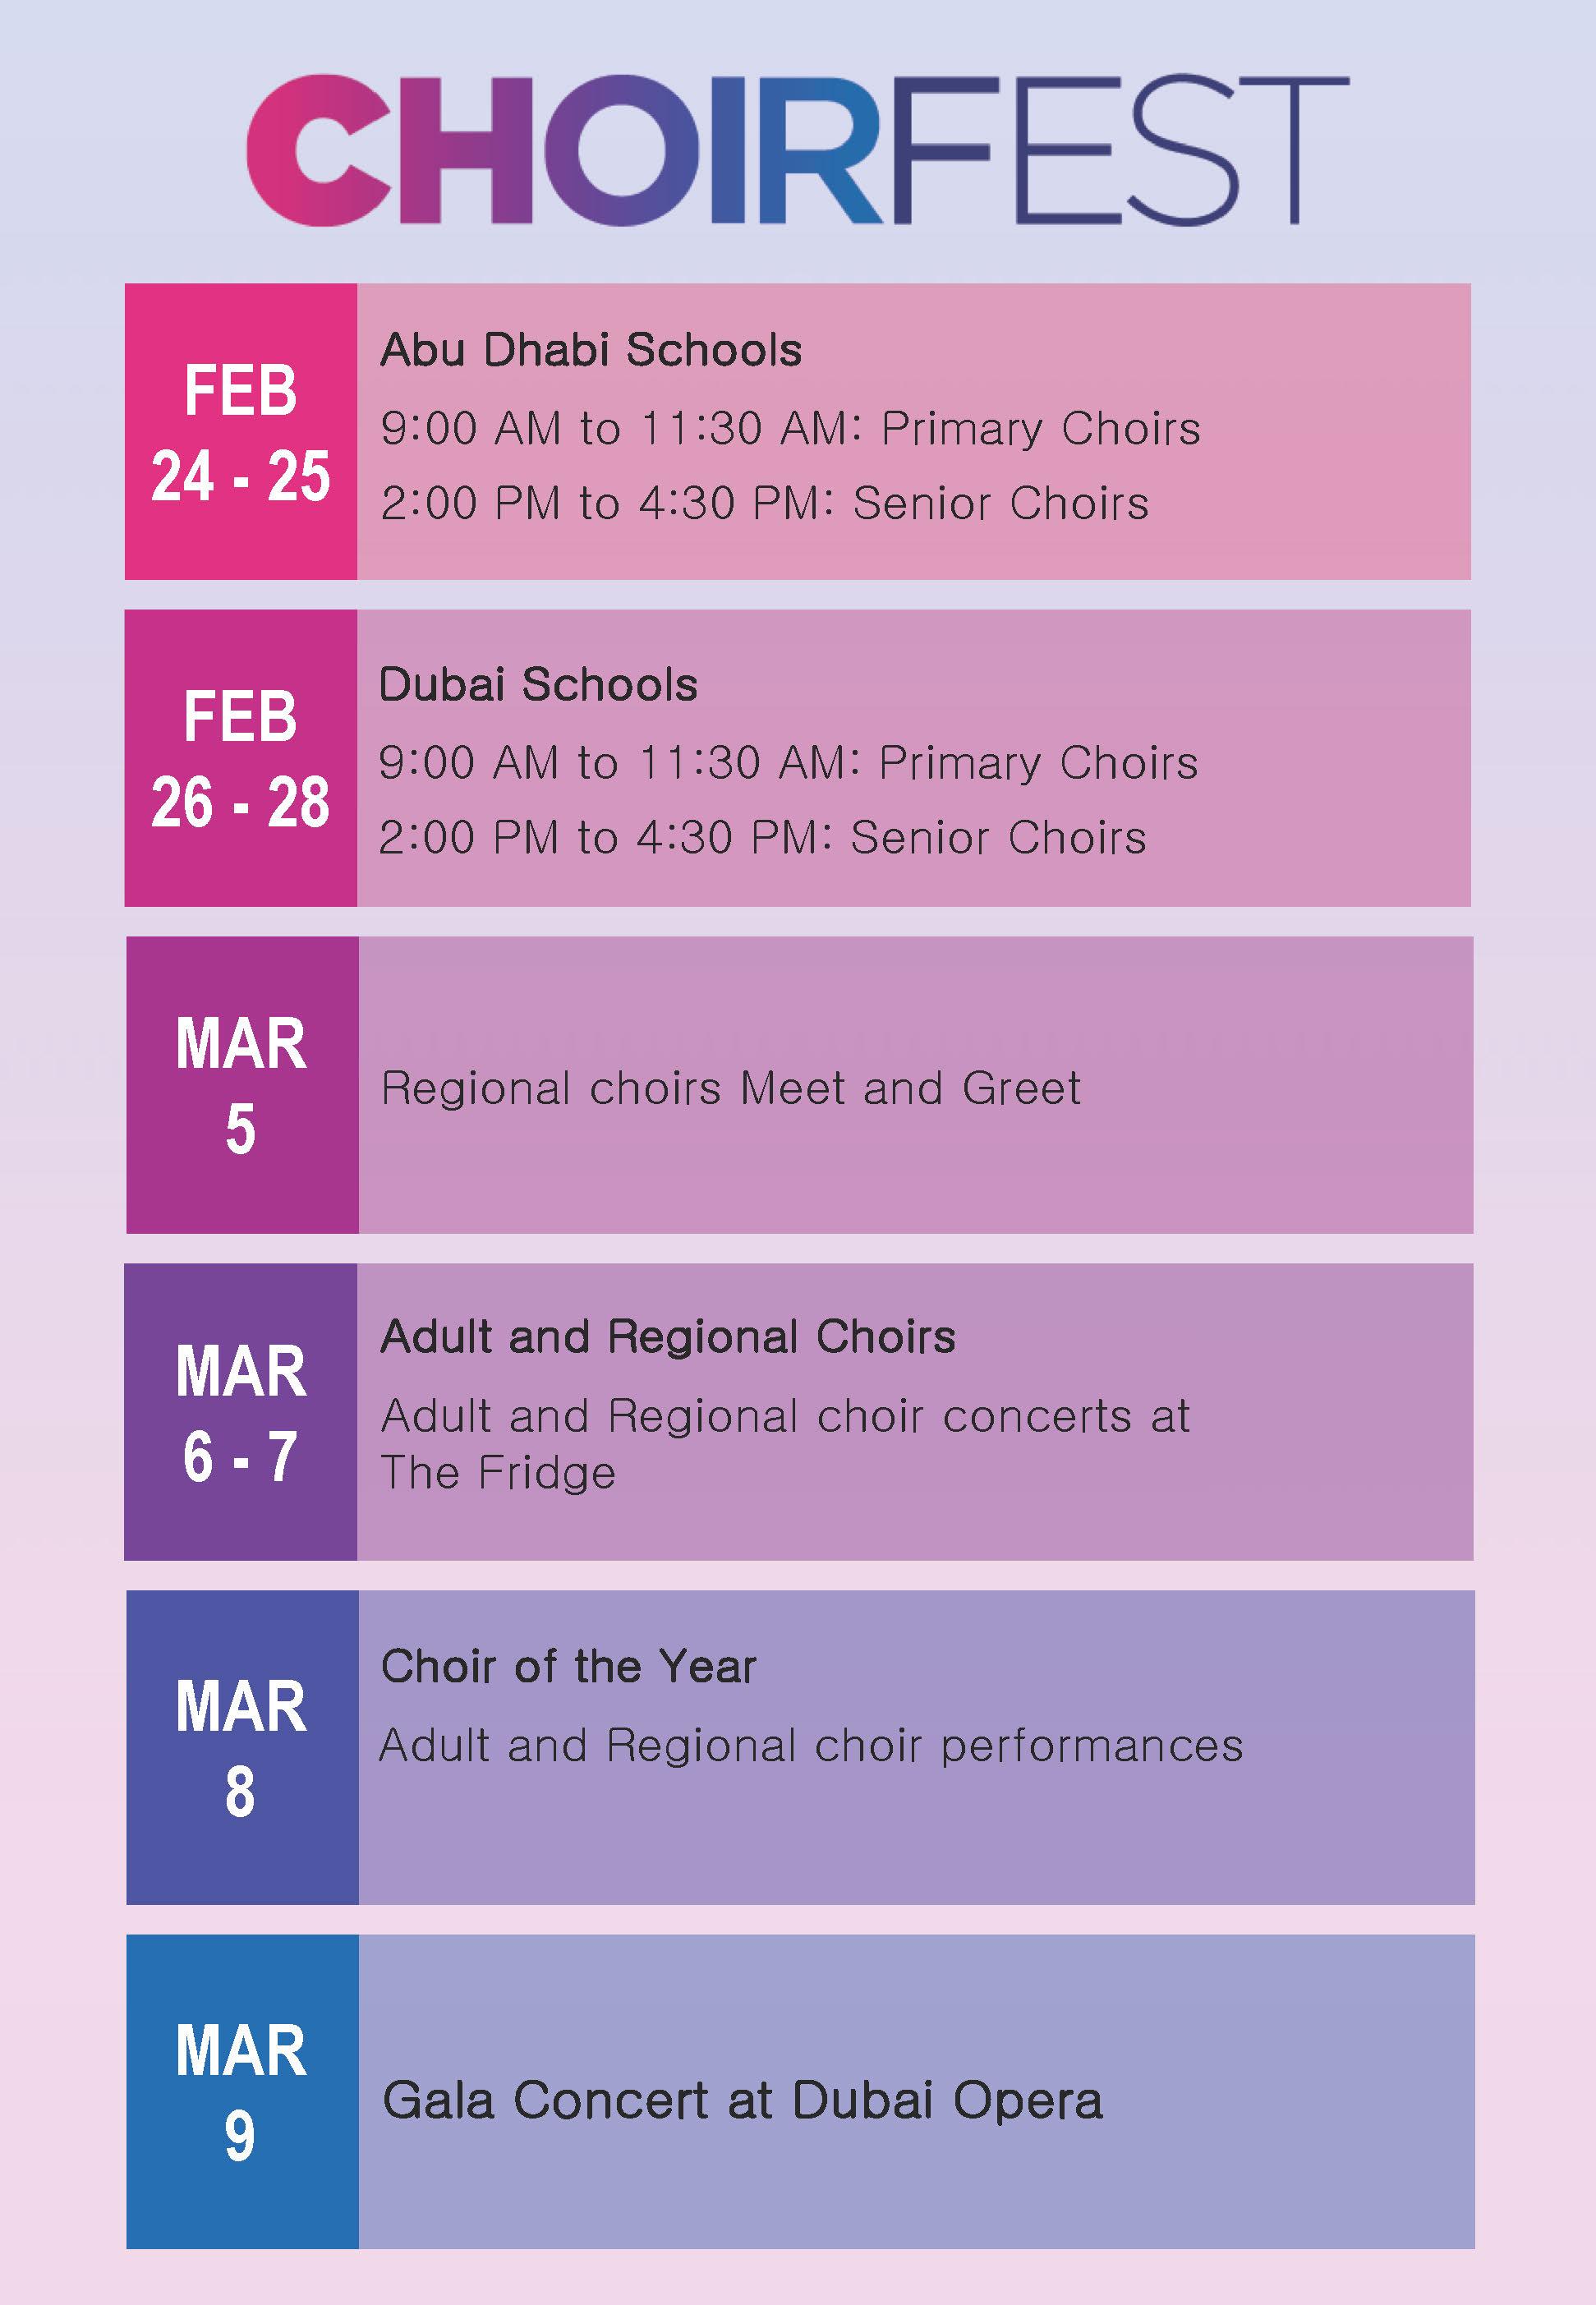 Choirfest Schedule